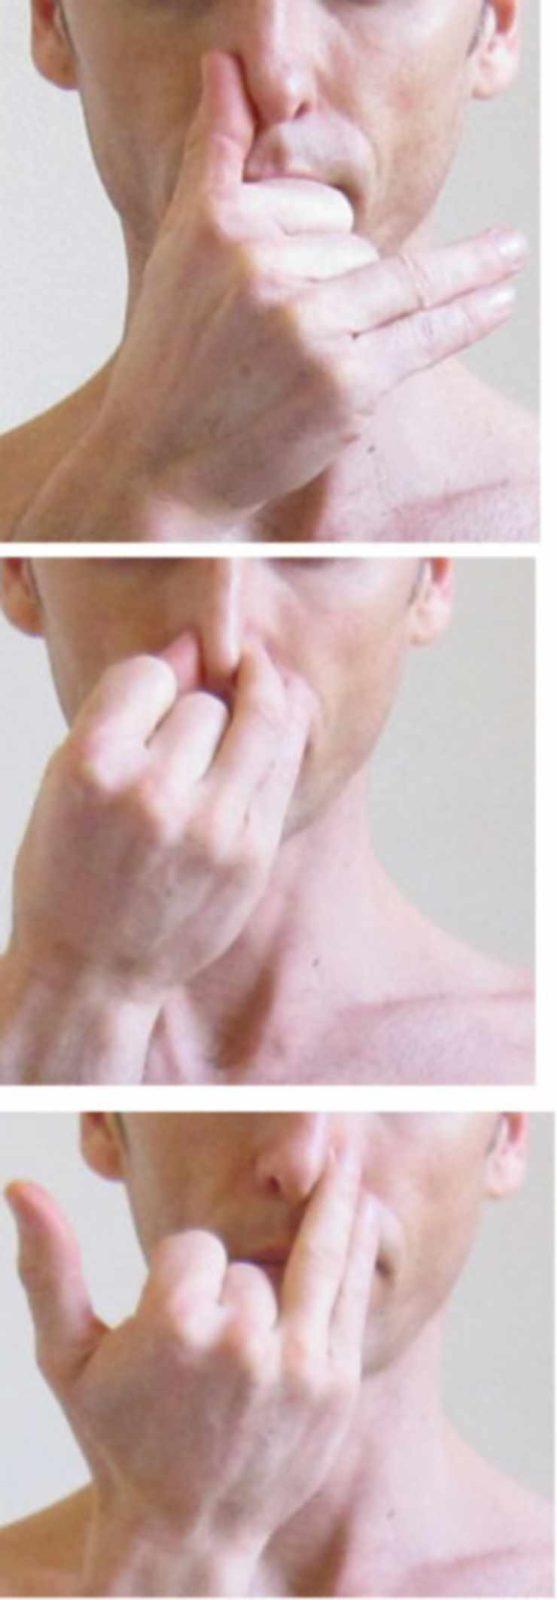 Расположение рук при выполнении практики дыхания